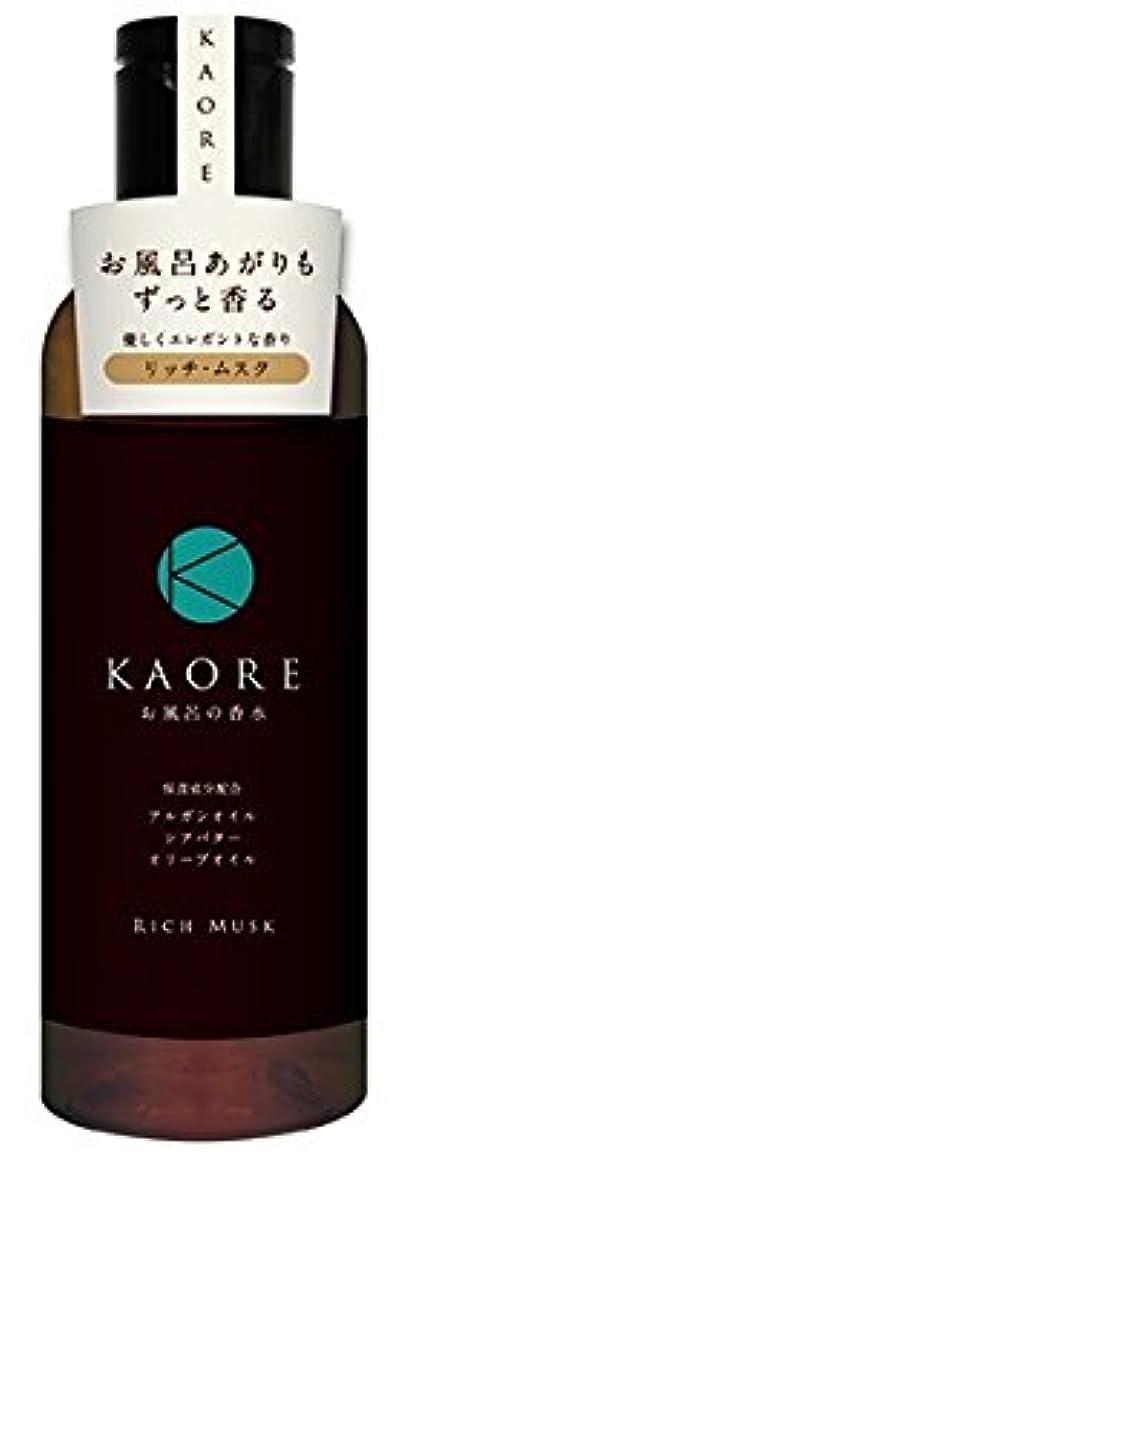 引退するフクロウ酸KAORE(カオリ) お風呂の香水 リッチムスク 200ml